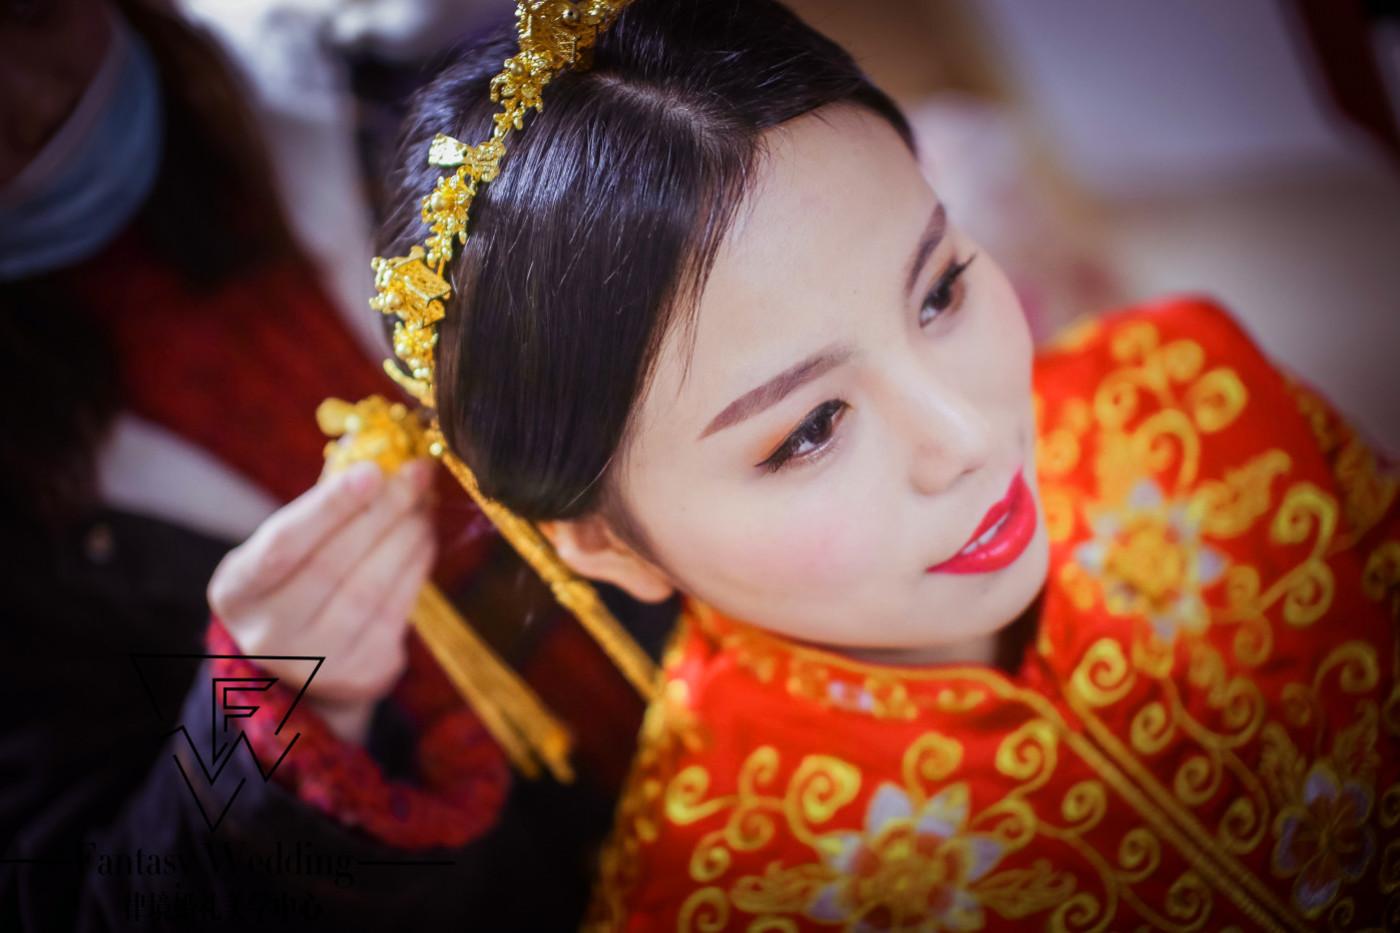 「律境婚礼」&G R 白金汉爵2